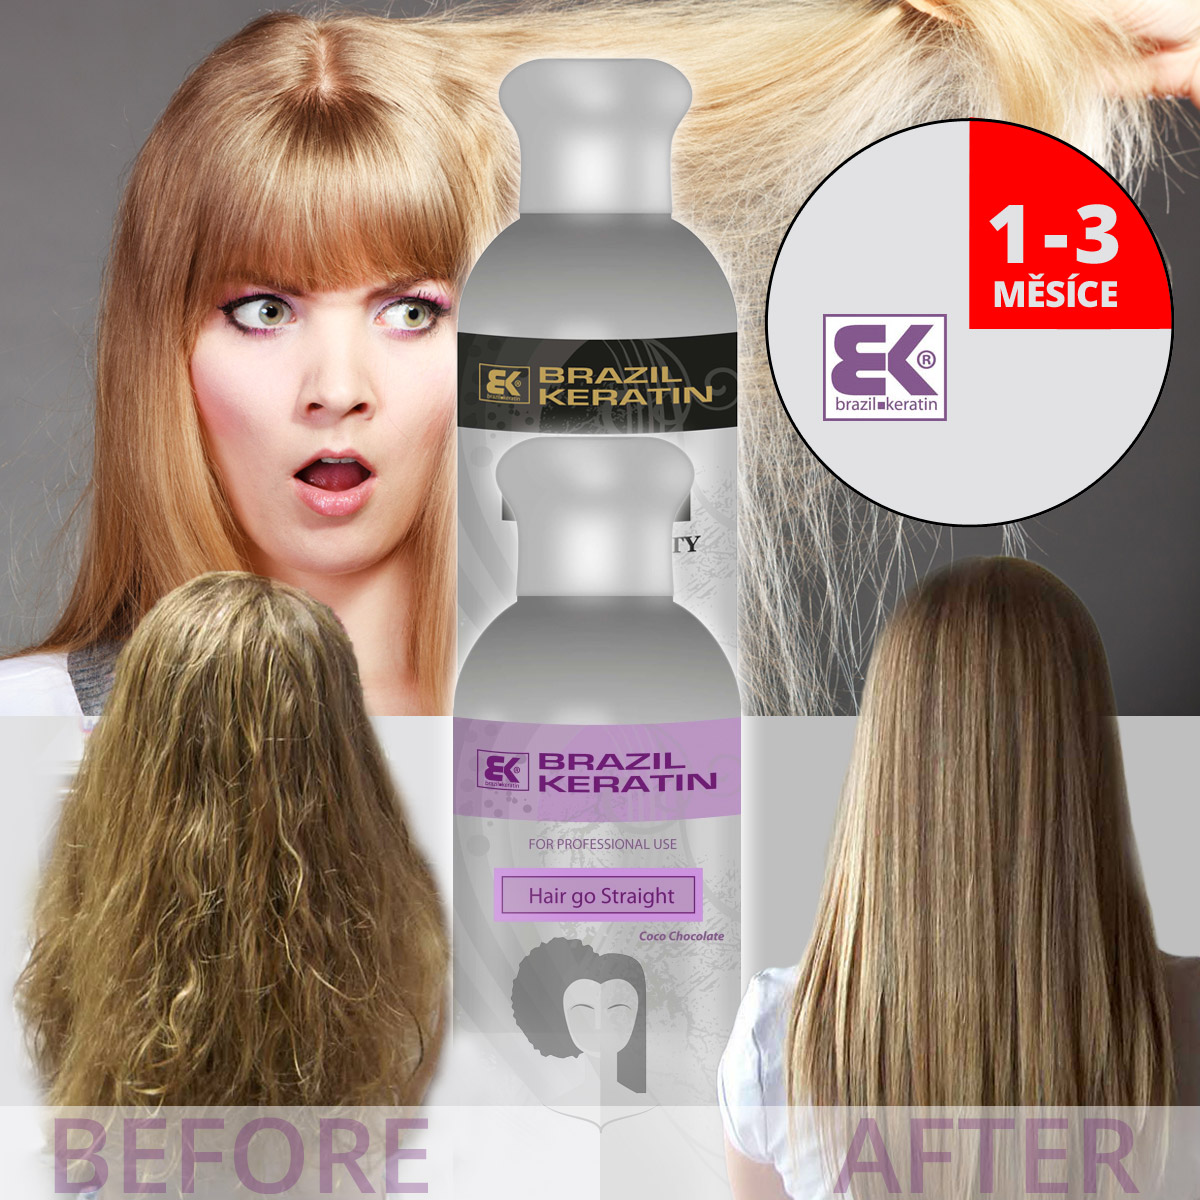 Dejte vale neukázněným a zničeným vlasům, krepatosti či nechtěnému vlnění vlasů. Brazilský keratin je cestou k uhlazeným a zregenerovaným vlasům na jeden až tři měsíce. Vaše vlasy budou snadněji udržovatelné, zdravější, lesklejší a krásnější. Aplikovat keratin na vlasy lze na přirozeně zvlněné a kudrnaté vlasy, stejně jako na problematické rovné vlasy.